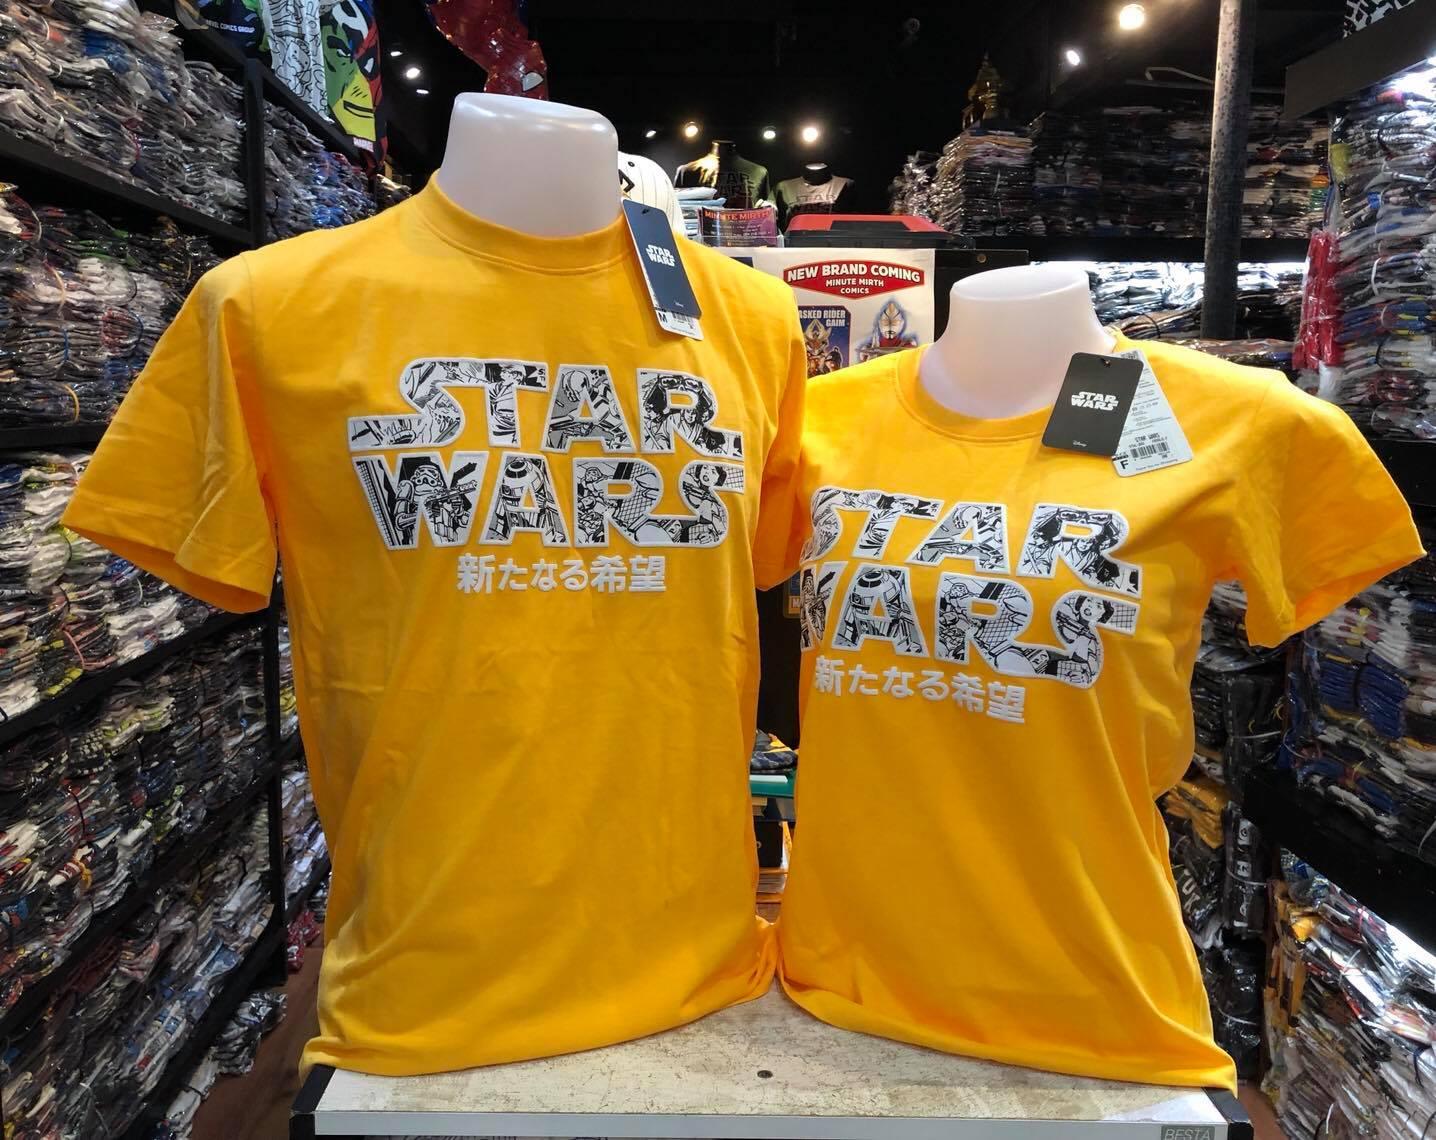 สตาร์วอร์ สีเหลือง (Starwars yellow japan)